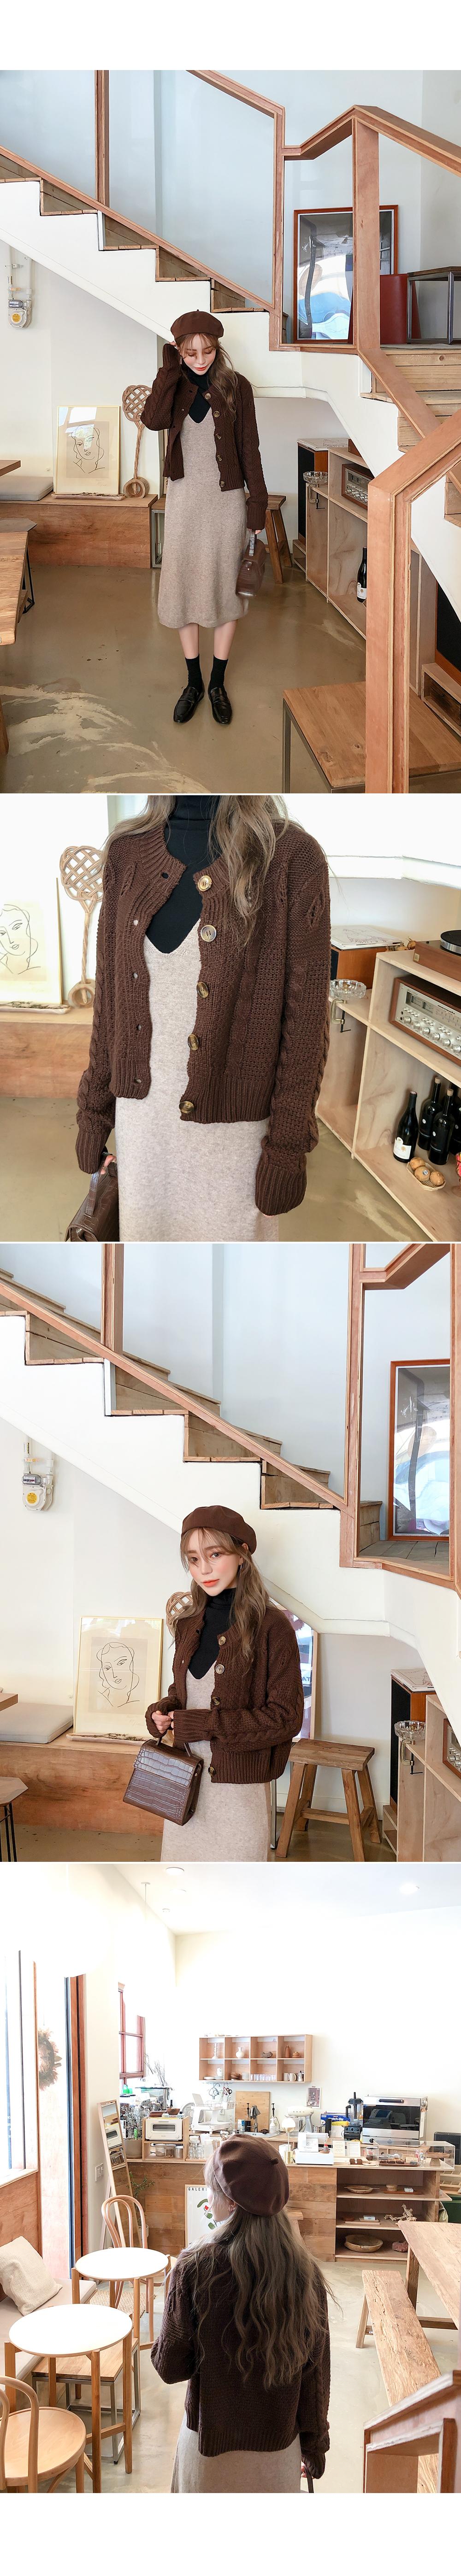 Slim Fit Top Knit